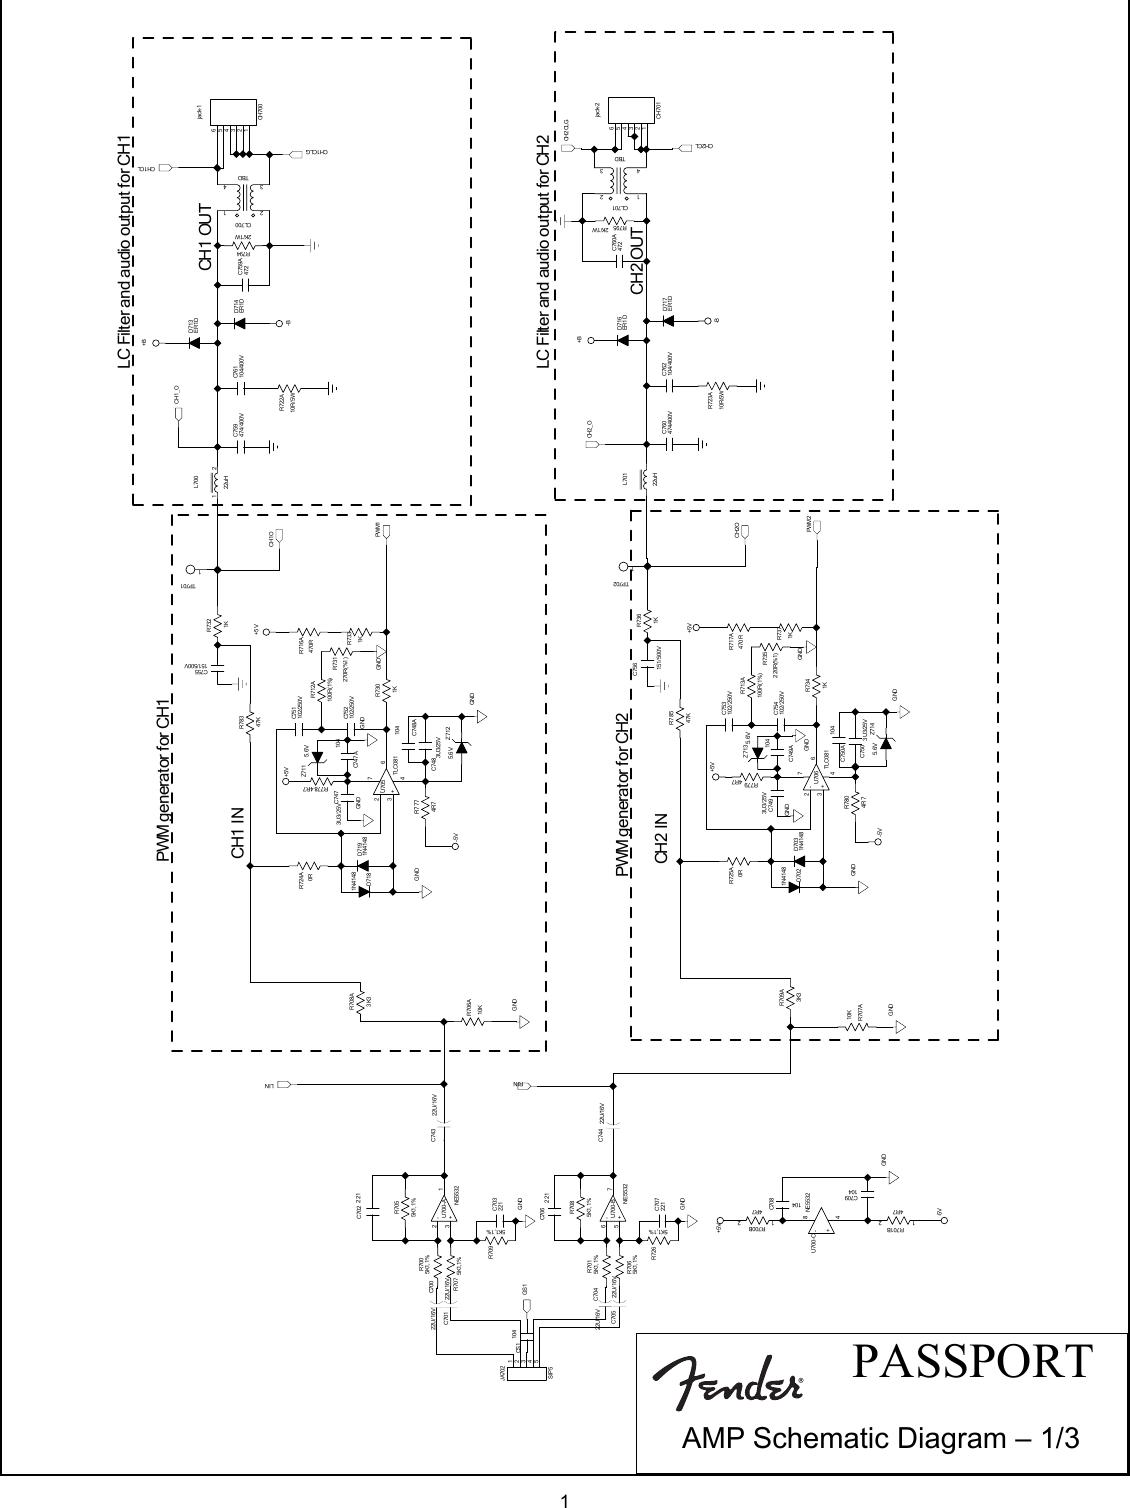 Fender Passport 300 Pro Svc Man Schematics And Layouts Pwm Generator Schematic